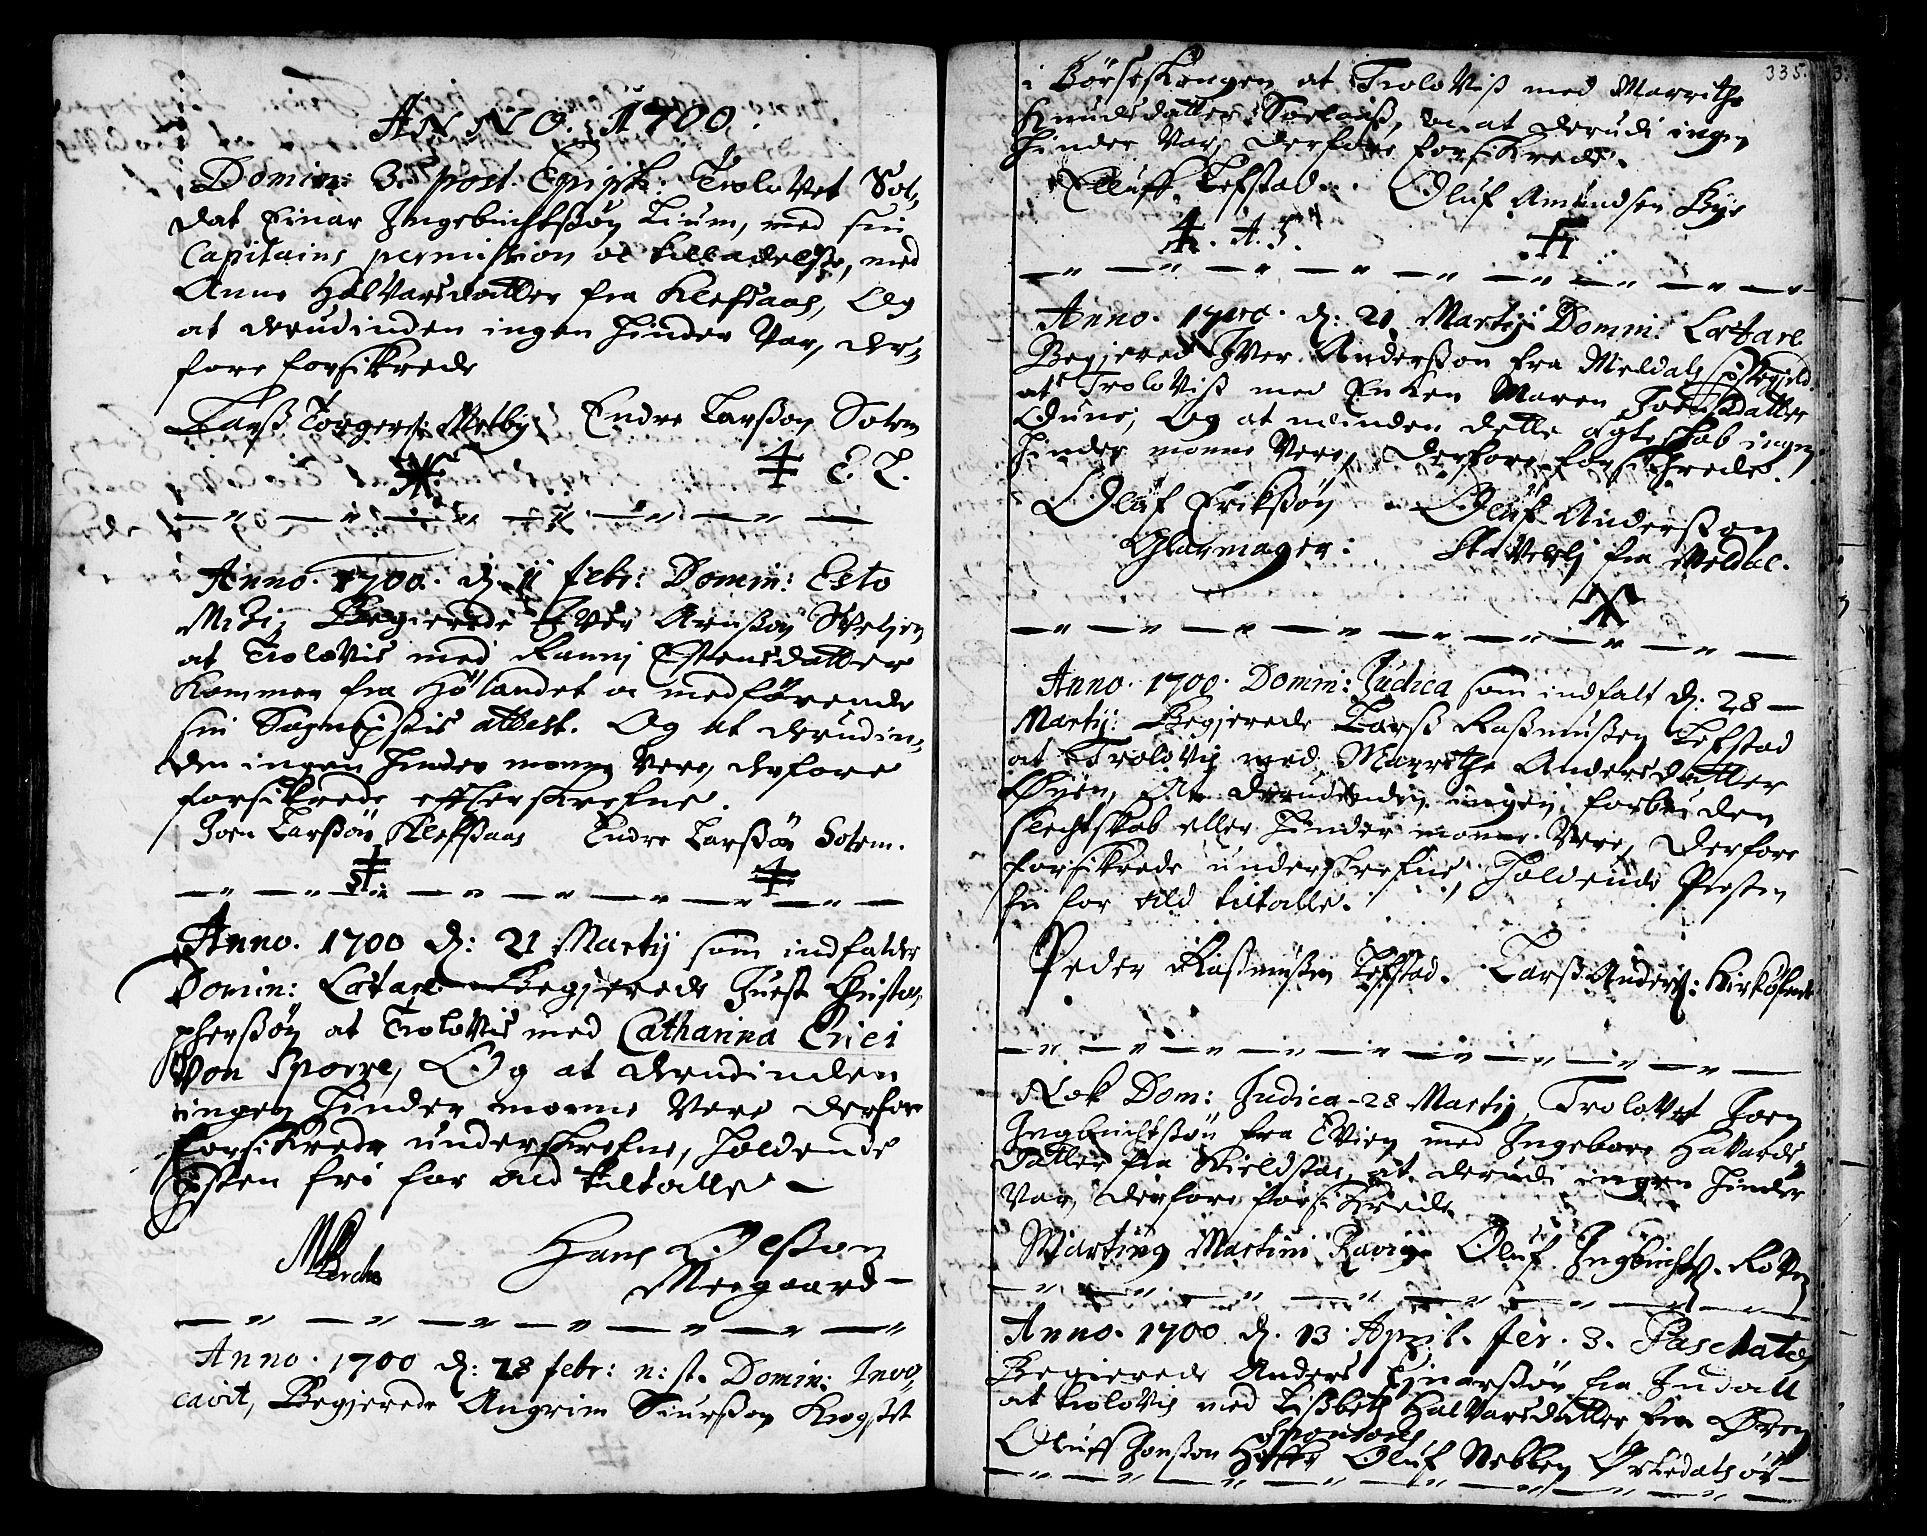 SAT, Ministerialprotokoller, klokkerbøker og fødselsregistre - Sør-Trøndelag, 668/L0801: Ministerialbok nr. 668A01, 1695-1716, s. 334-335